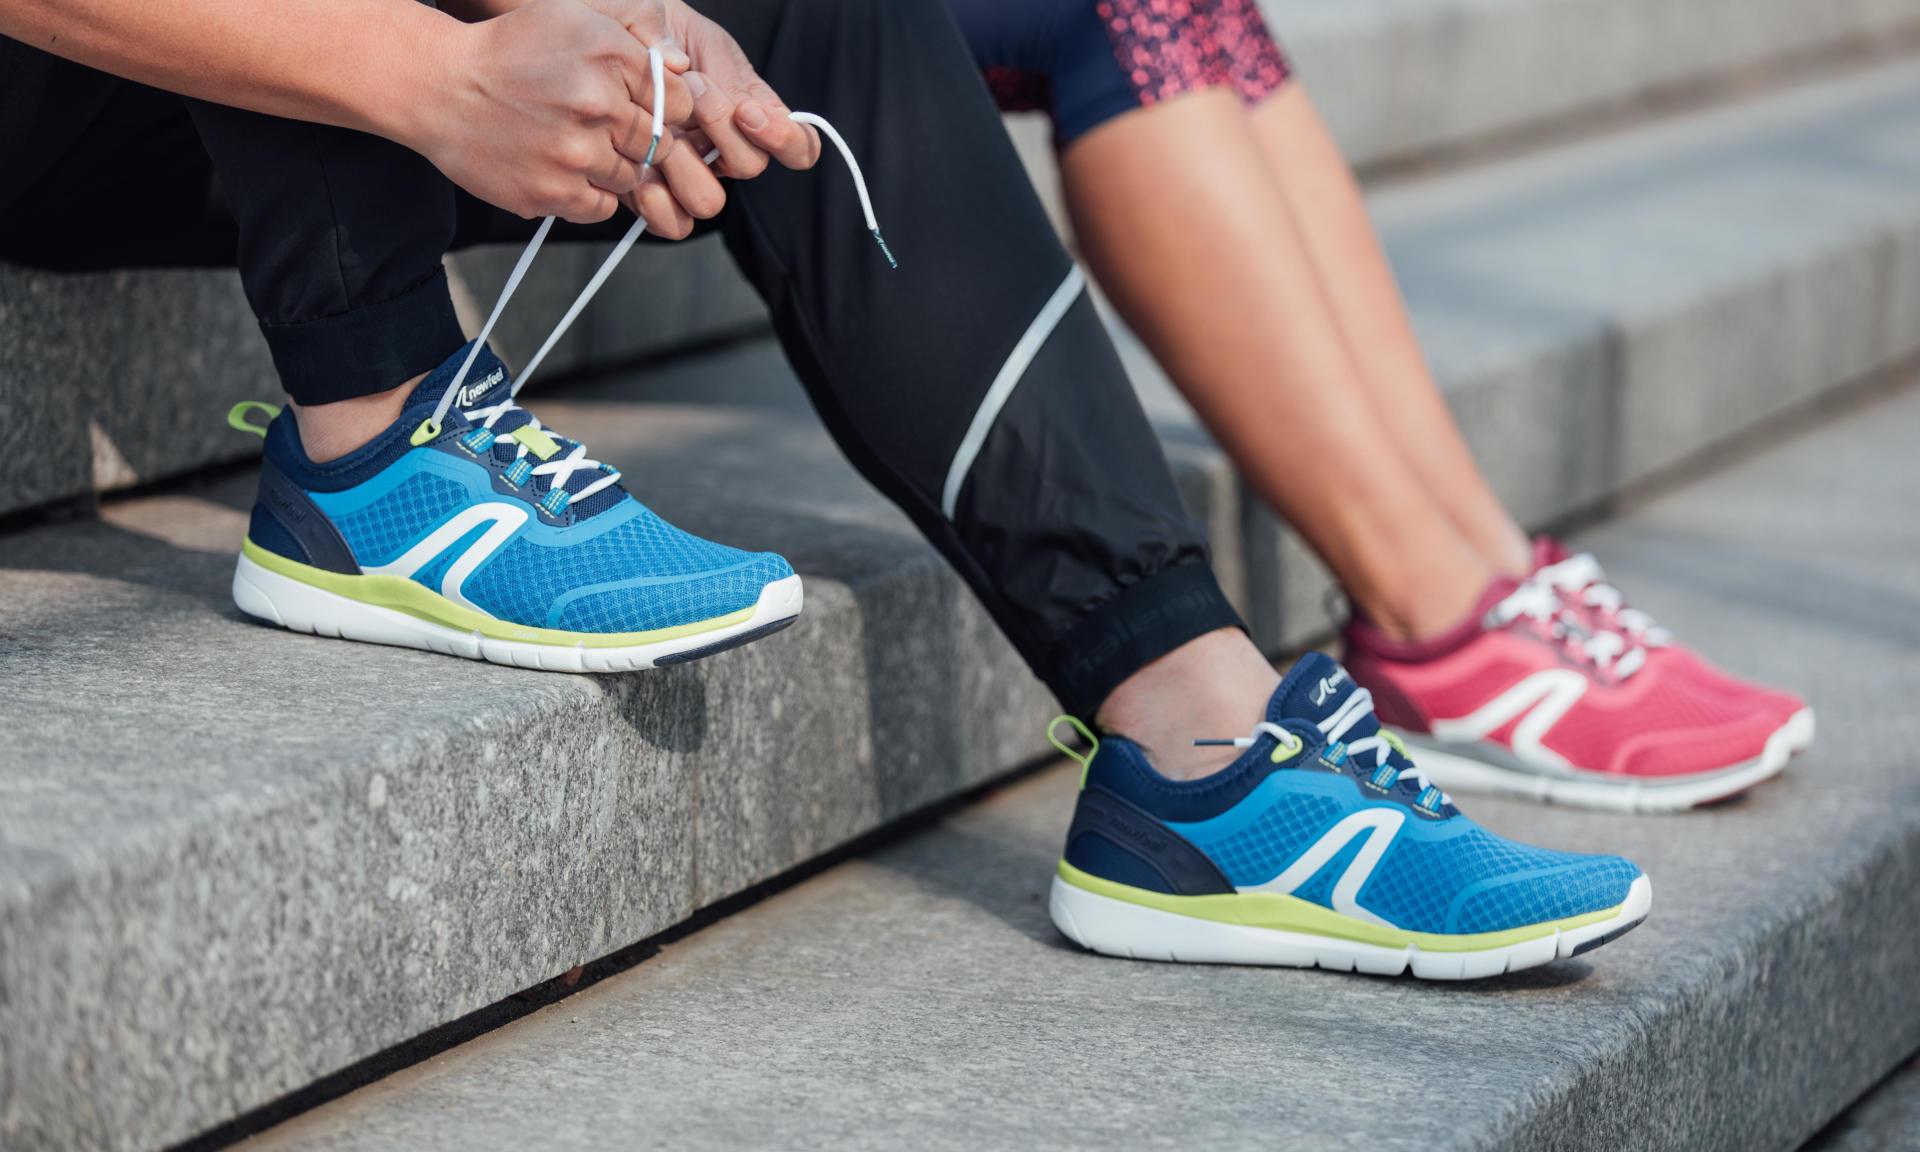 8f8d9bb09b9 Comment bien choisir ses chaussures de marche sportive   marche ...